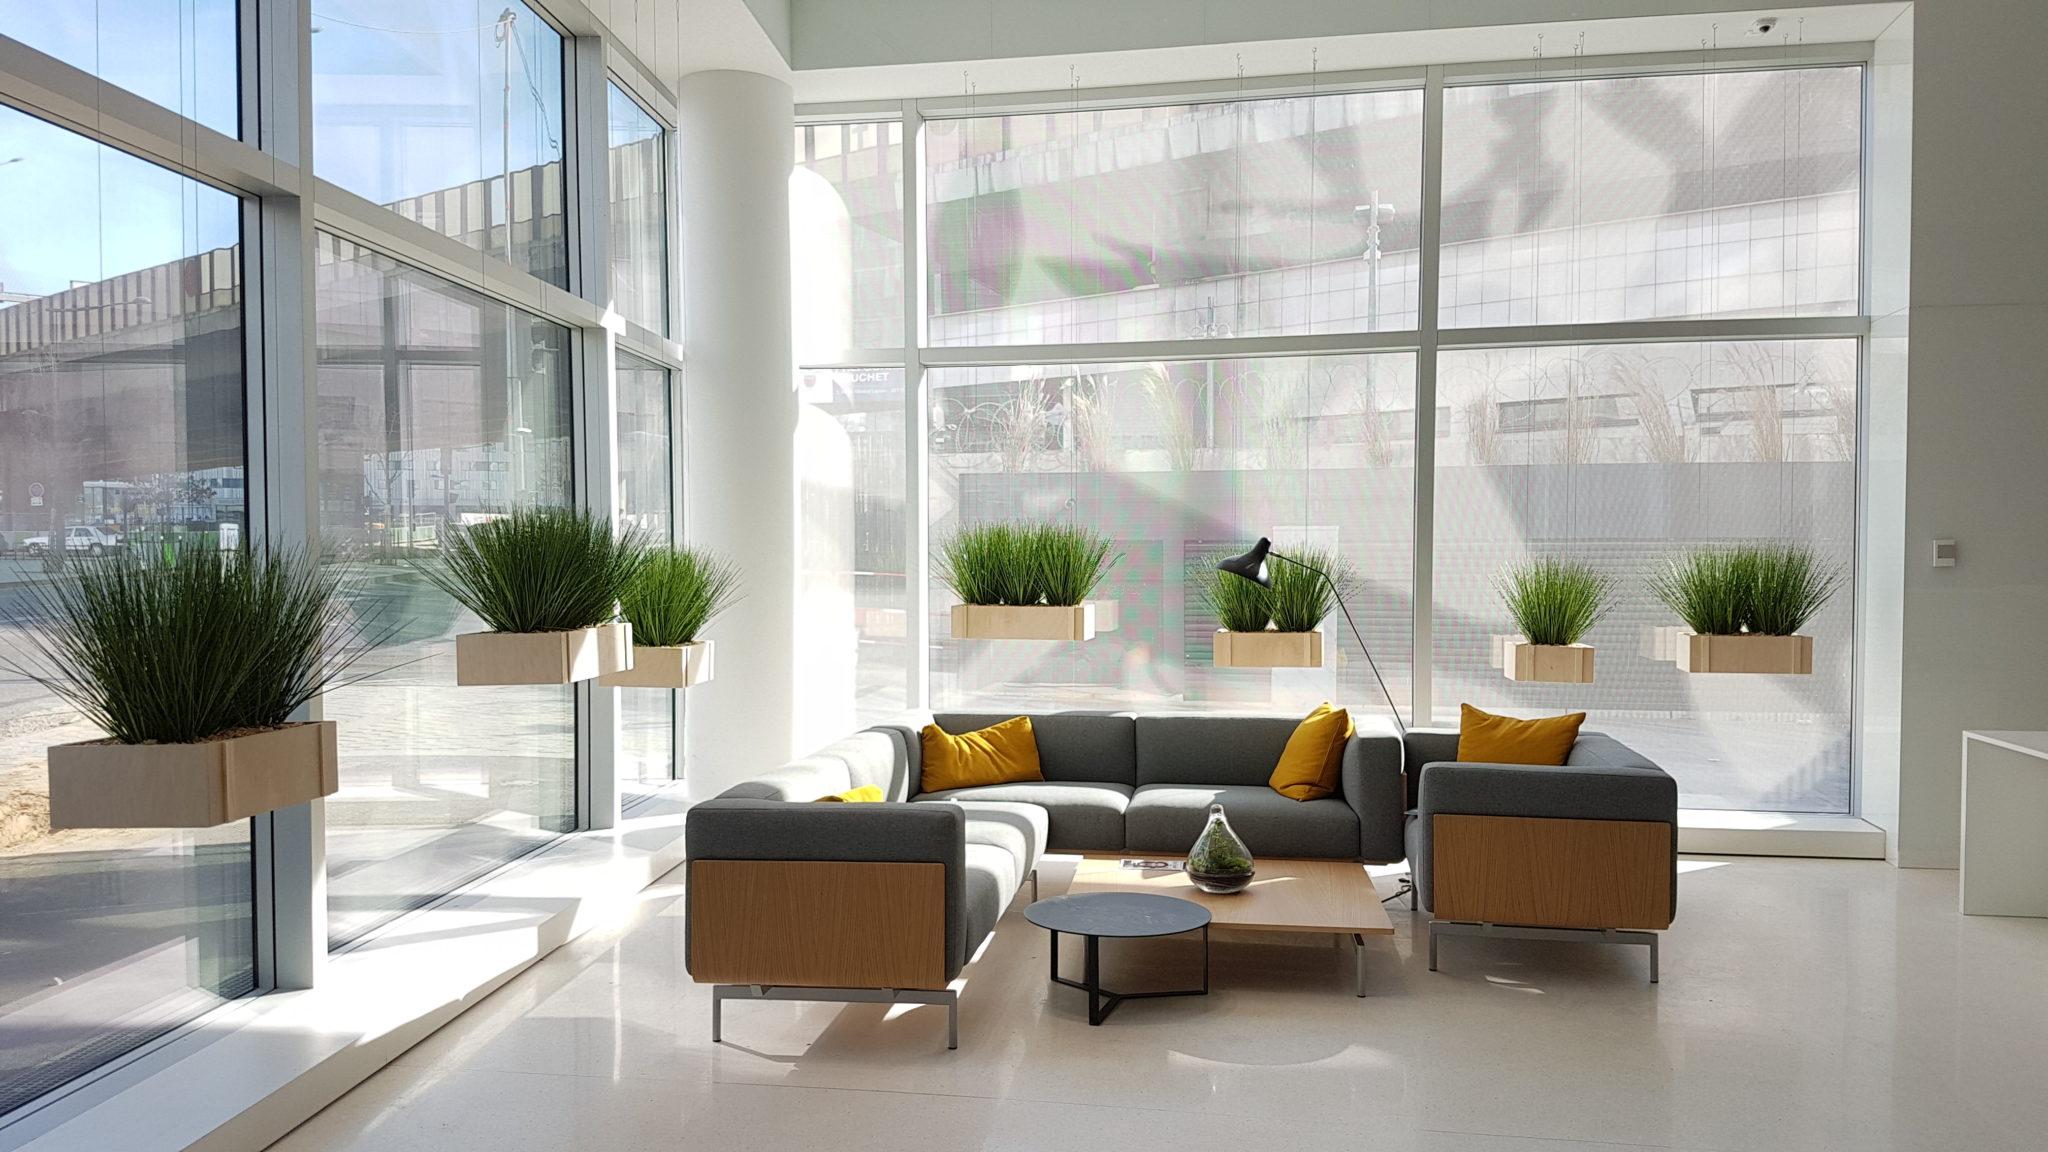 Aménagement d'espace entreprise en collaboation avec architecte Paris.